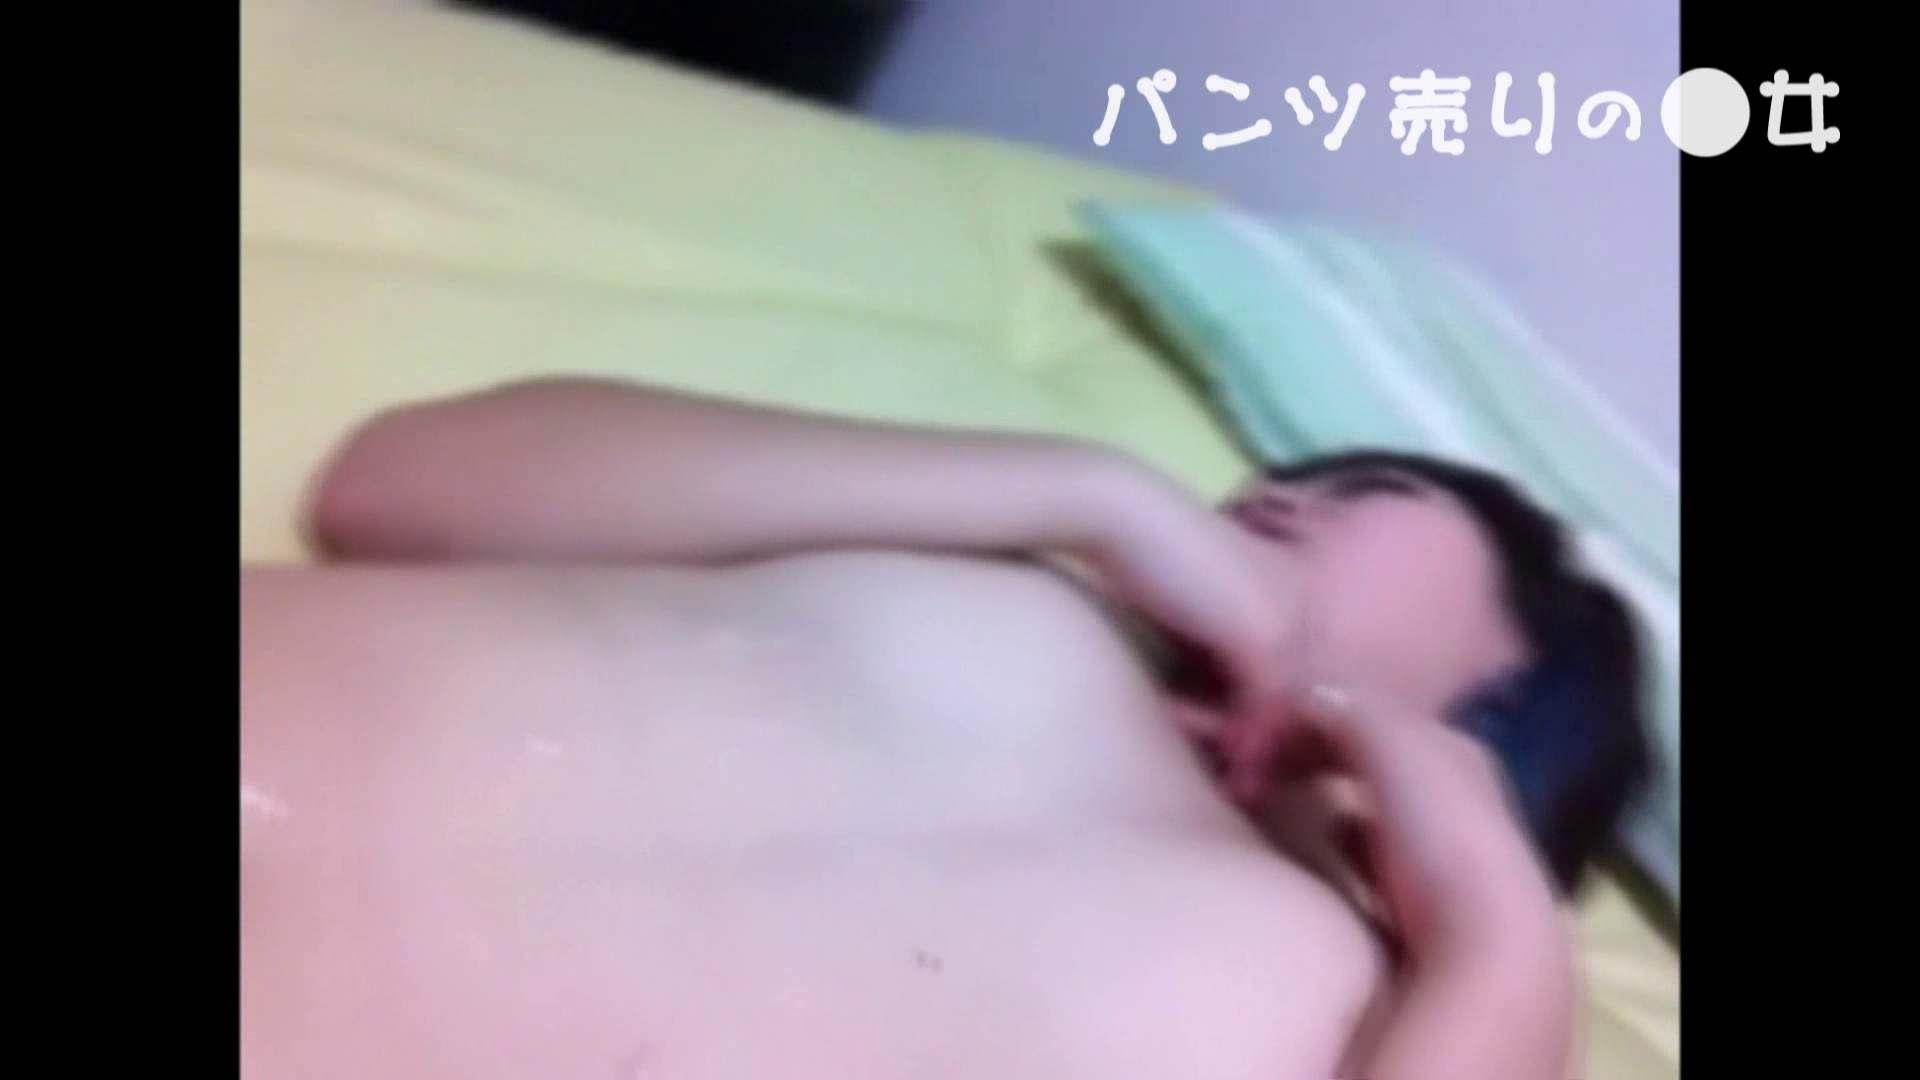 新説 パンツ売りの女の子nana05 プライベート われめAV動画紹介 108枚 103